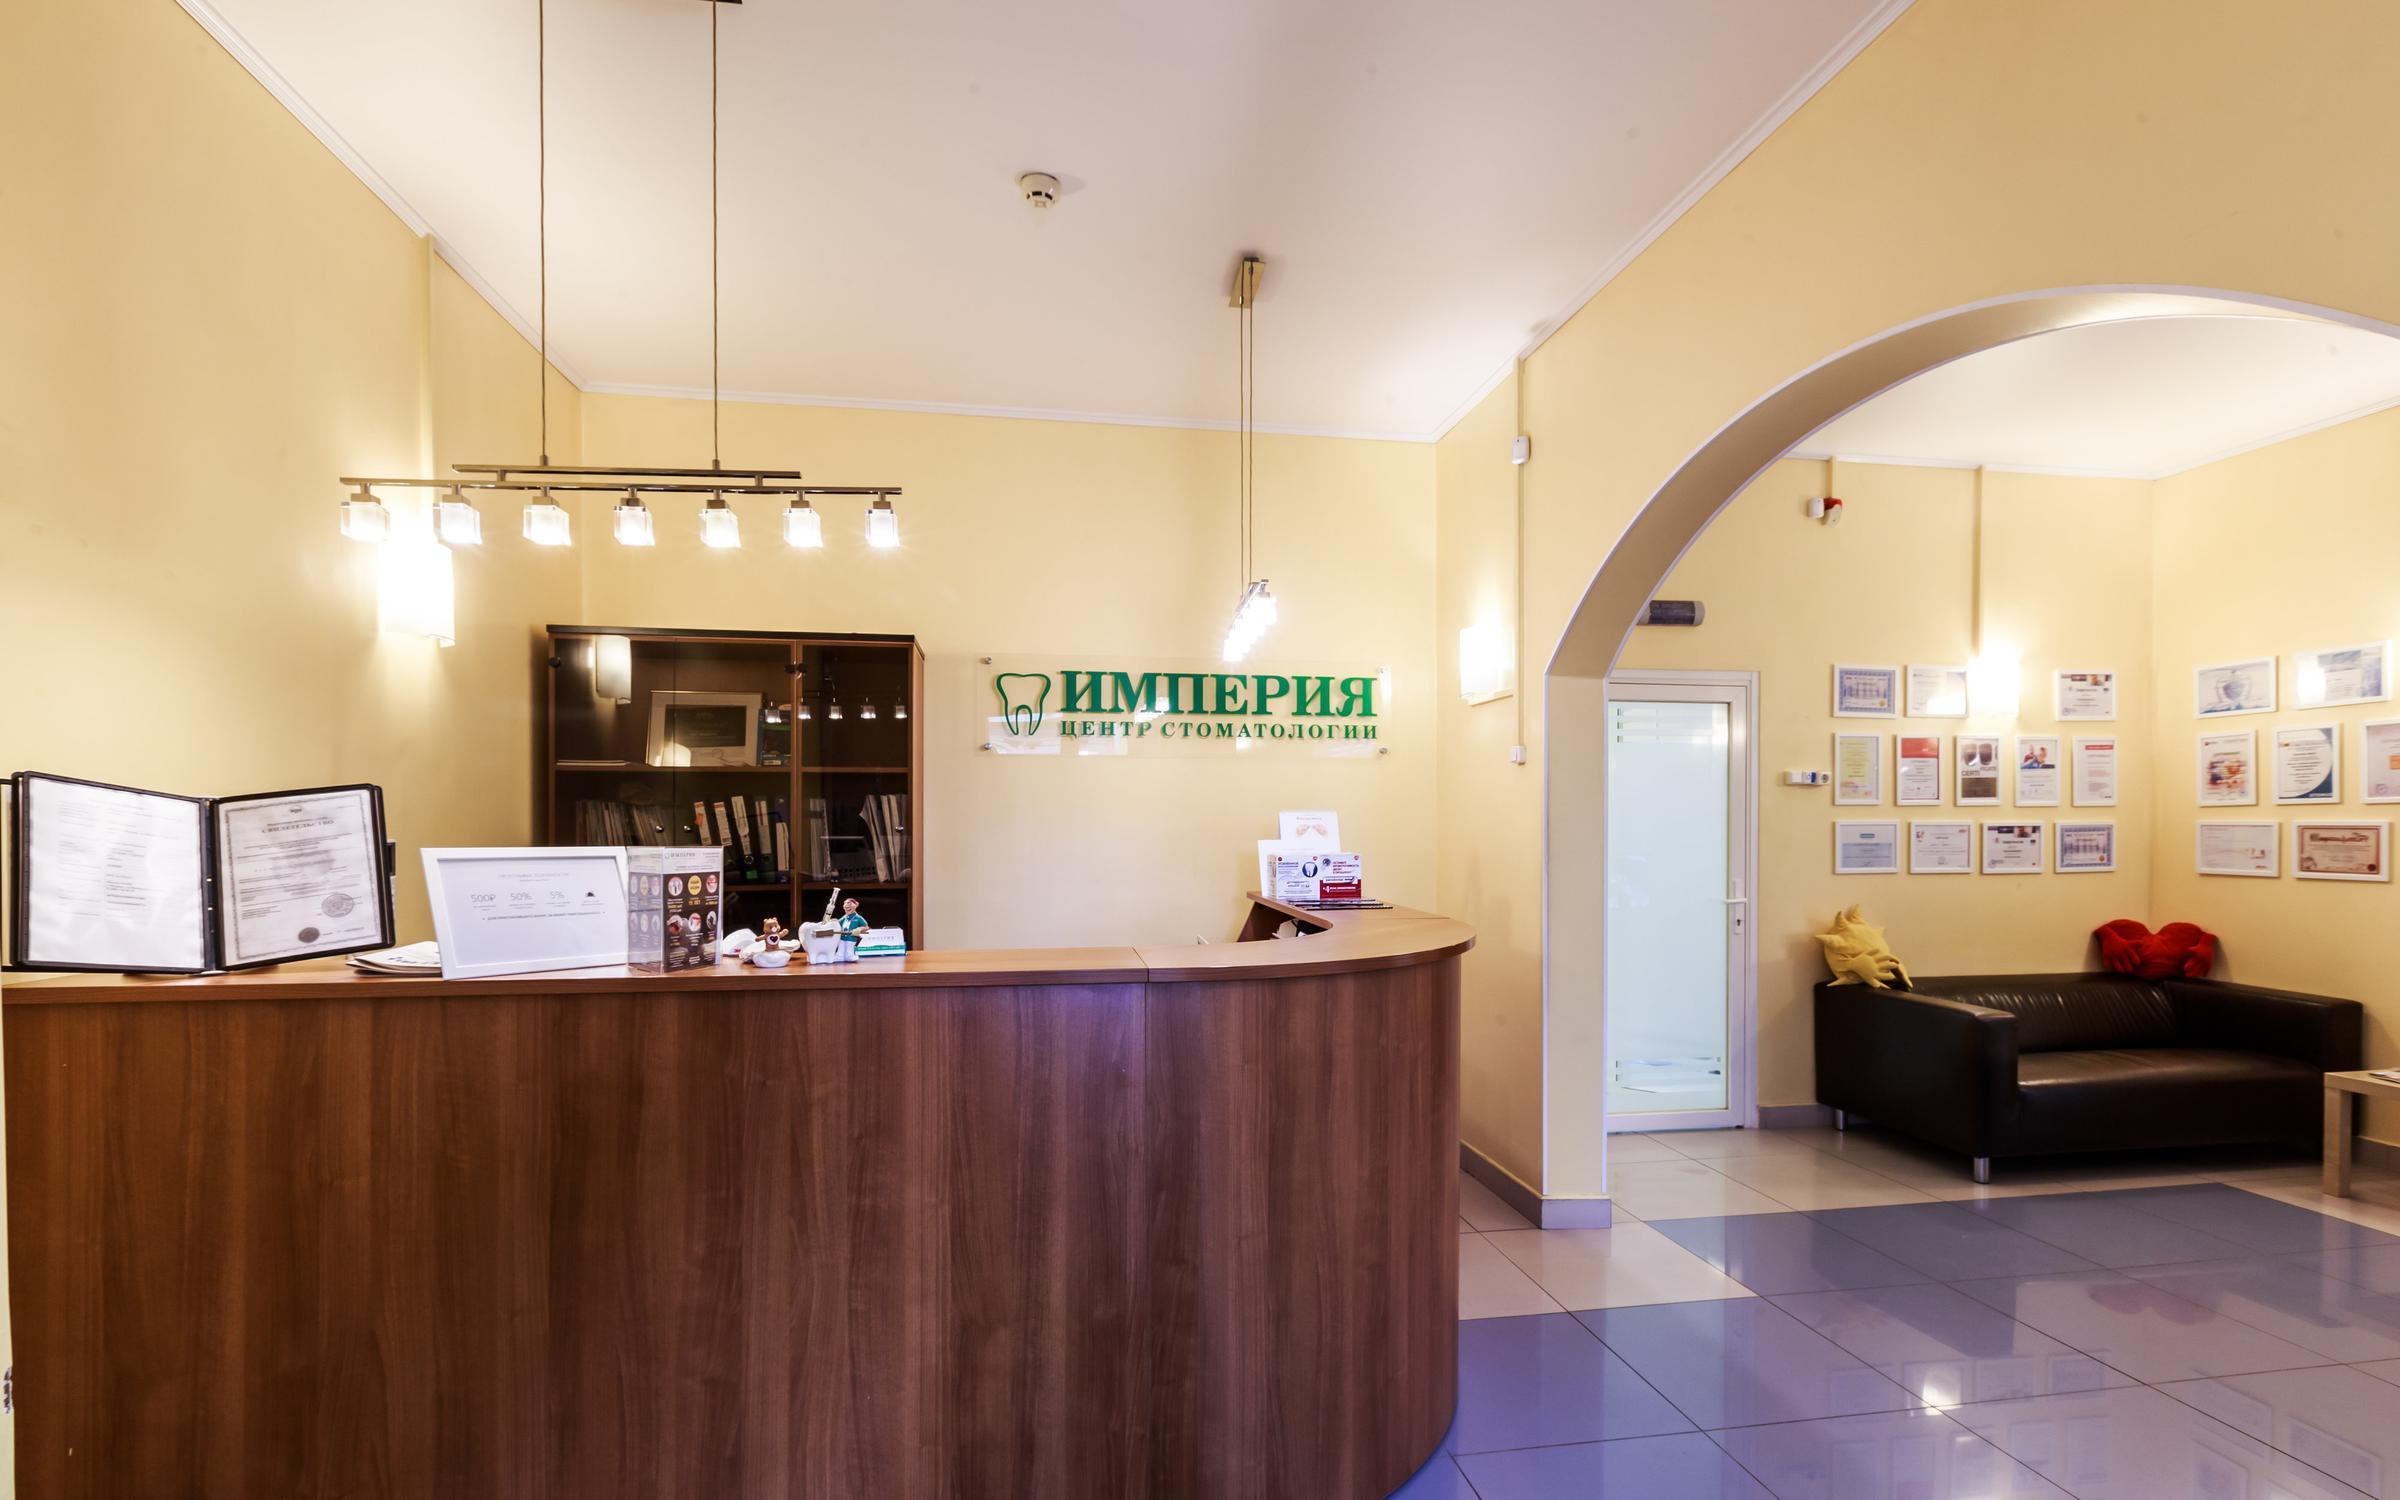 фотография Стоматологического центра Империя в Люблино